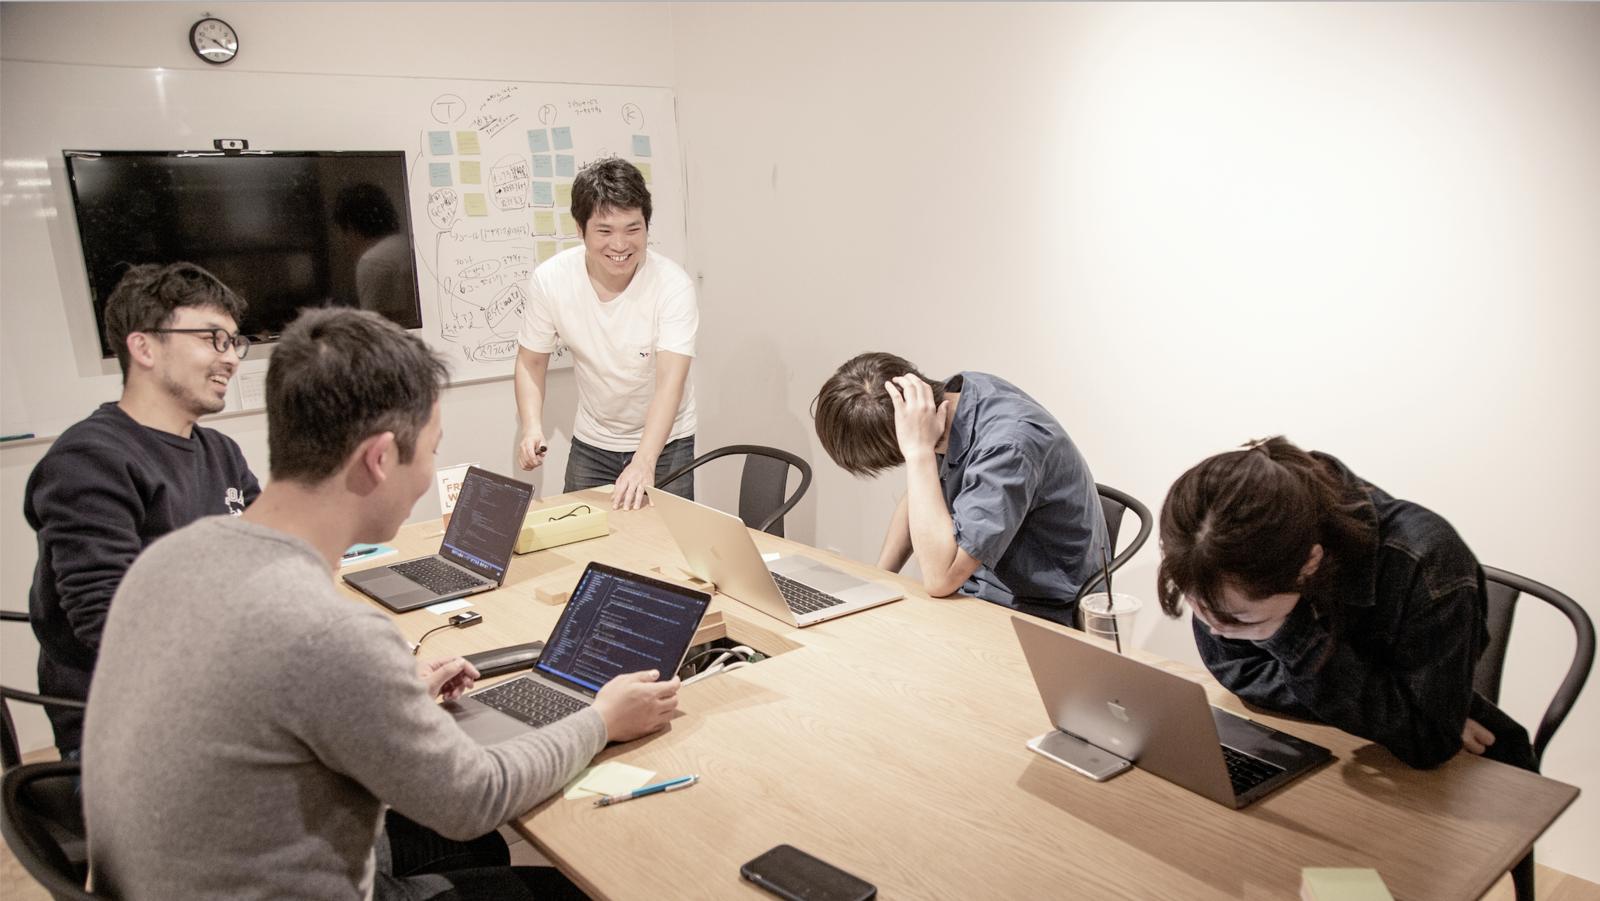 【Rails/Go/K8s】日本を変えるSaaSプロダクトのサーバーサイドエンジニアを募集!